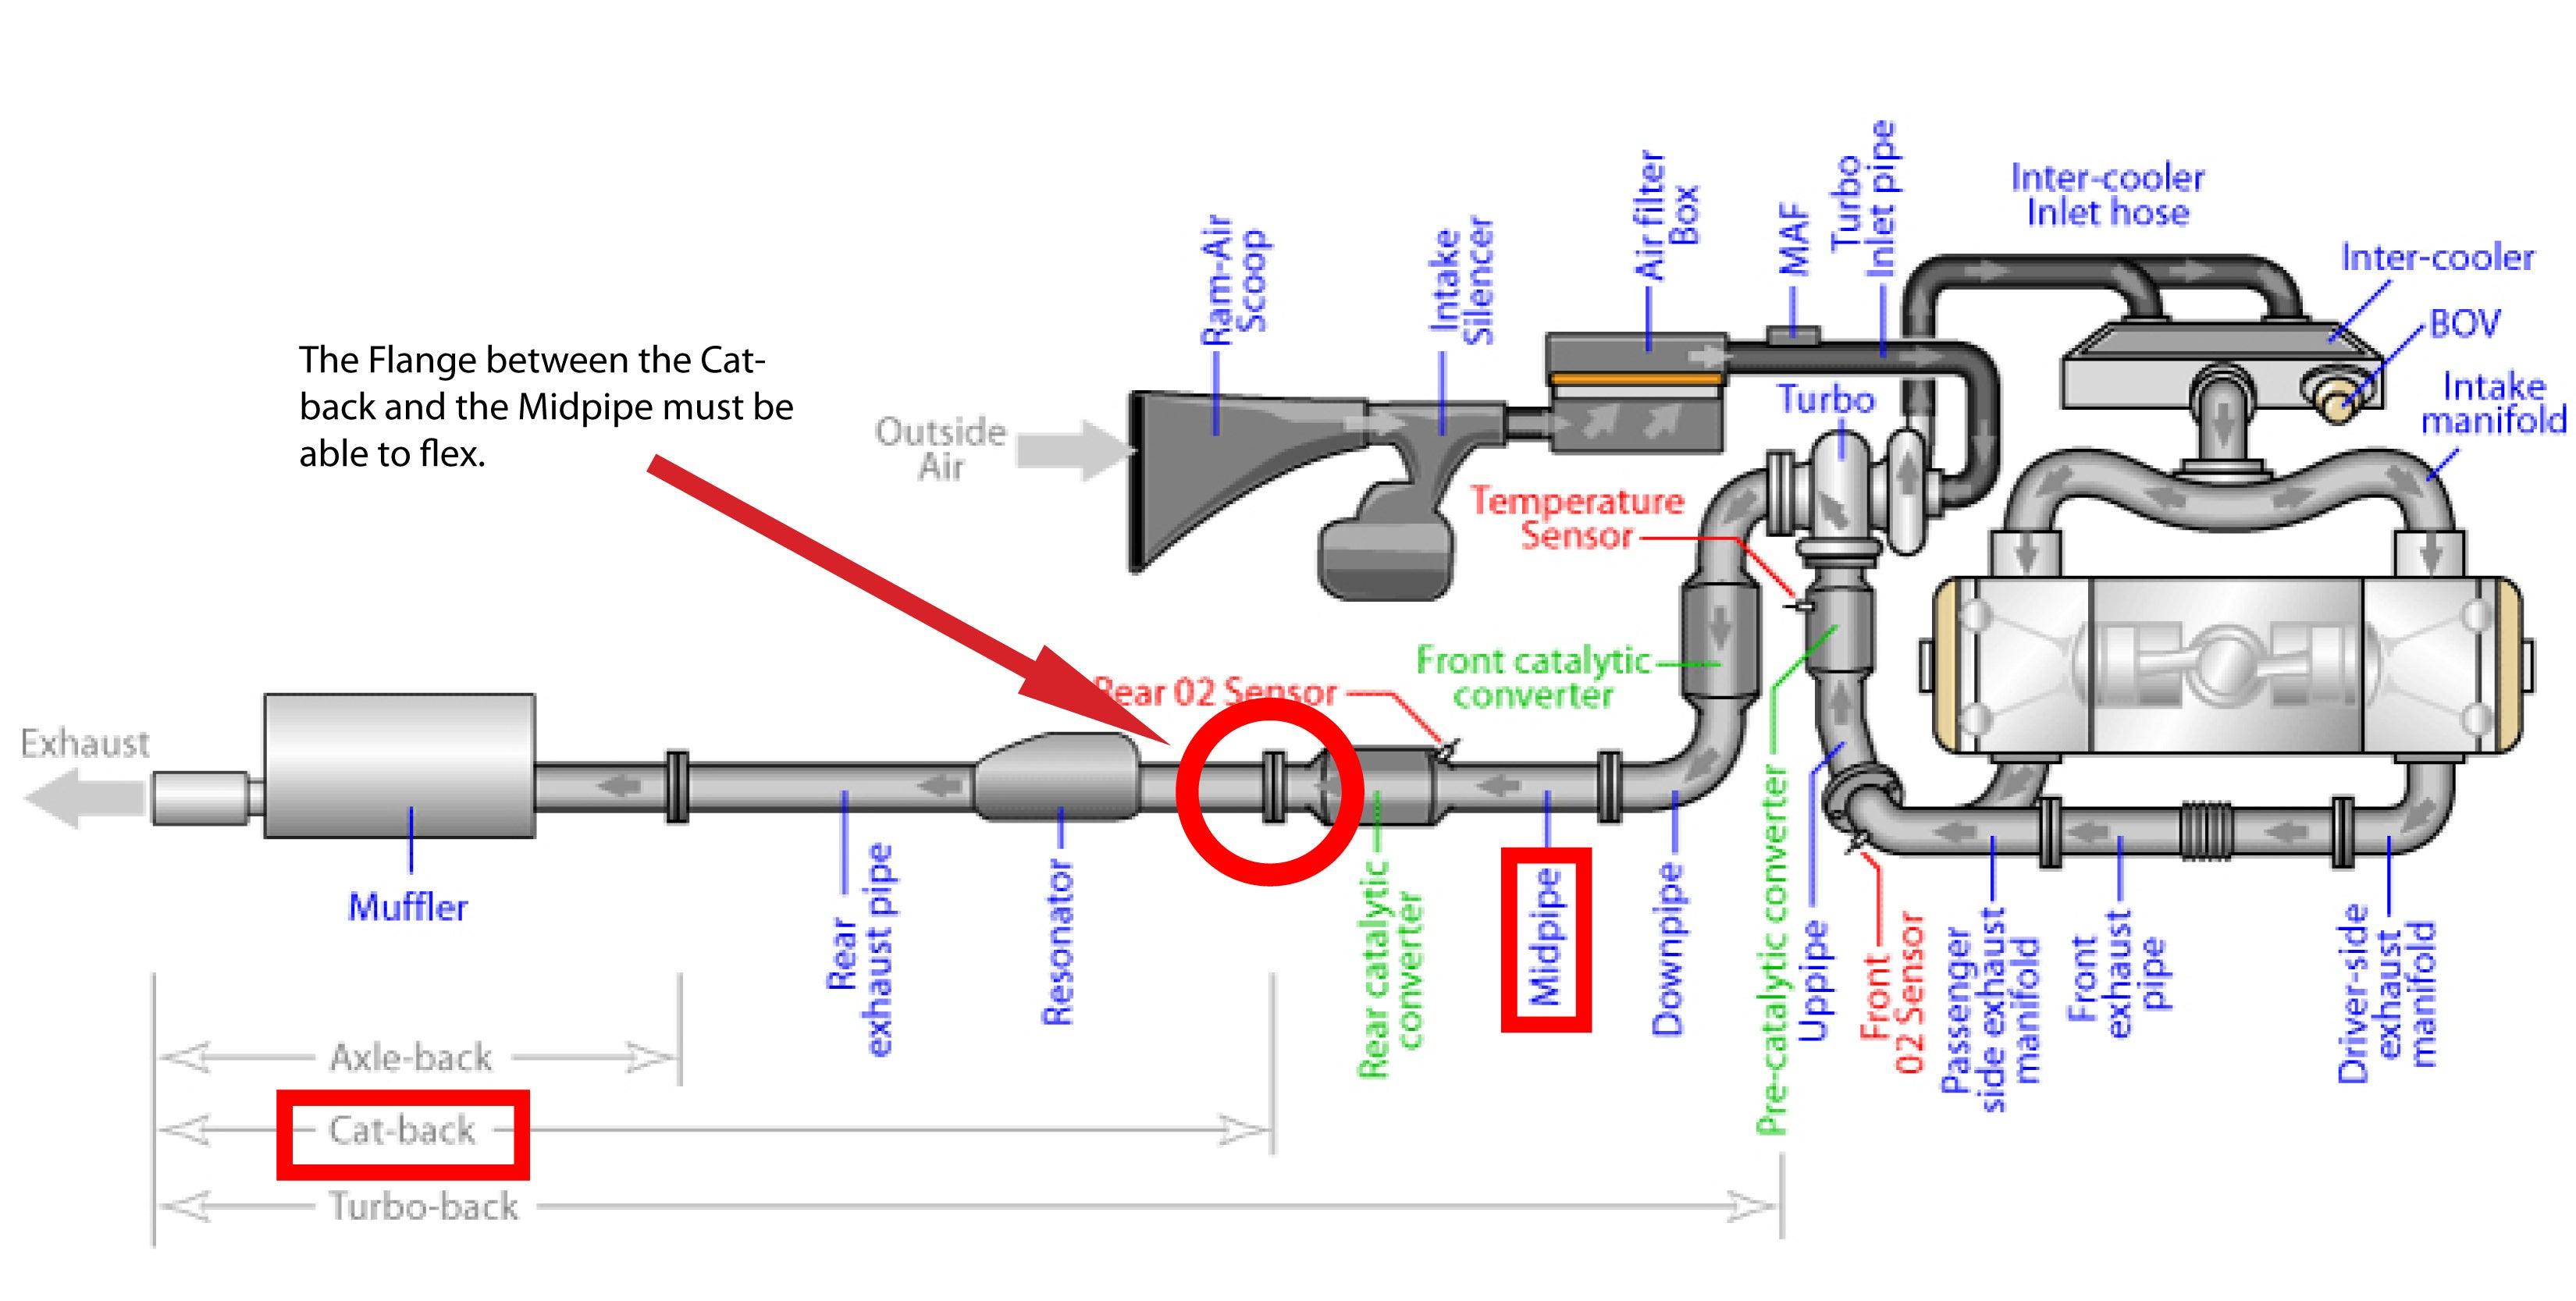 Subaru Exhaust Leak Repair 4 Steps Instructables